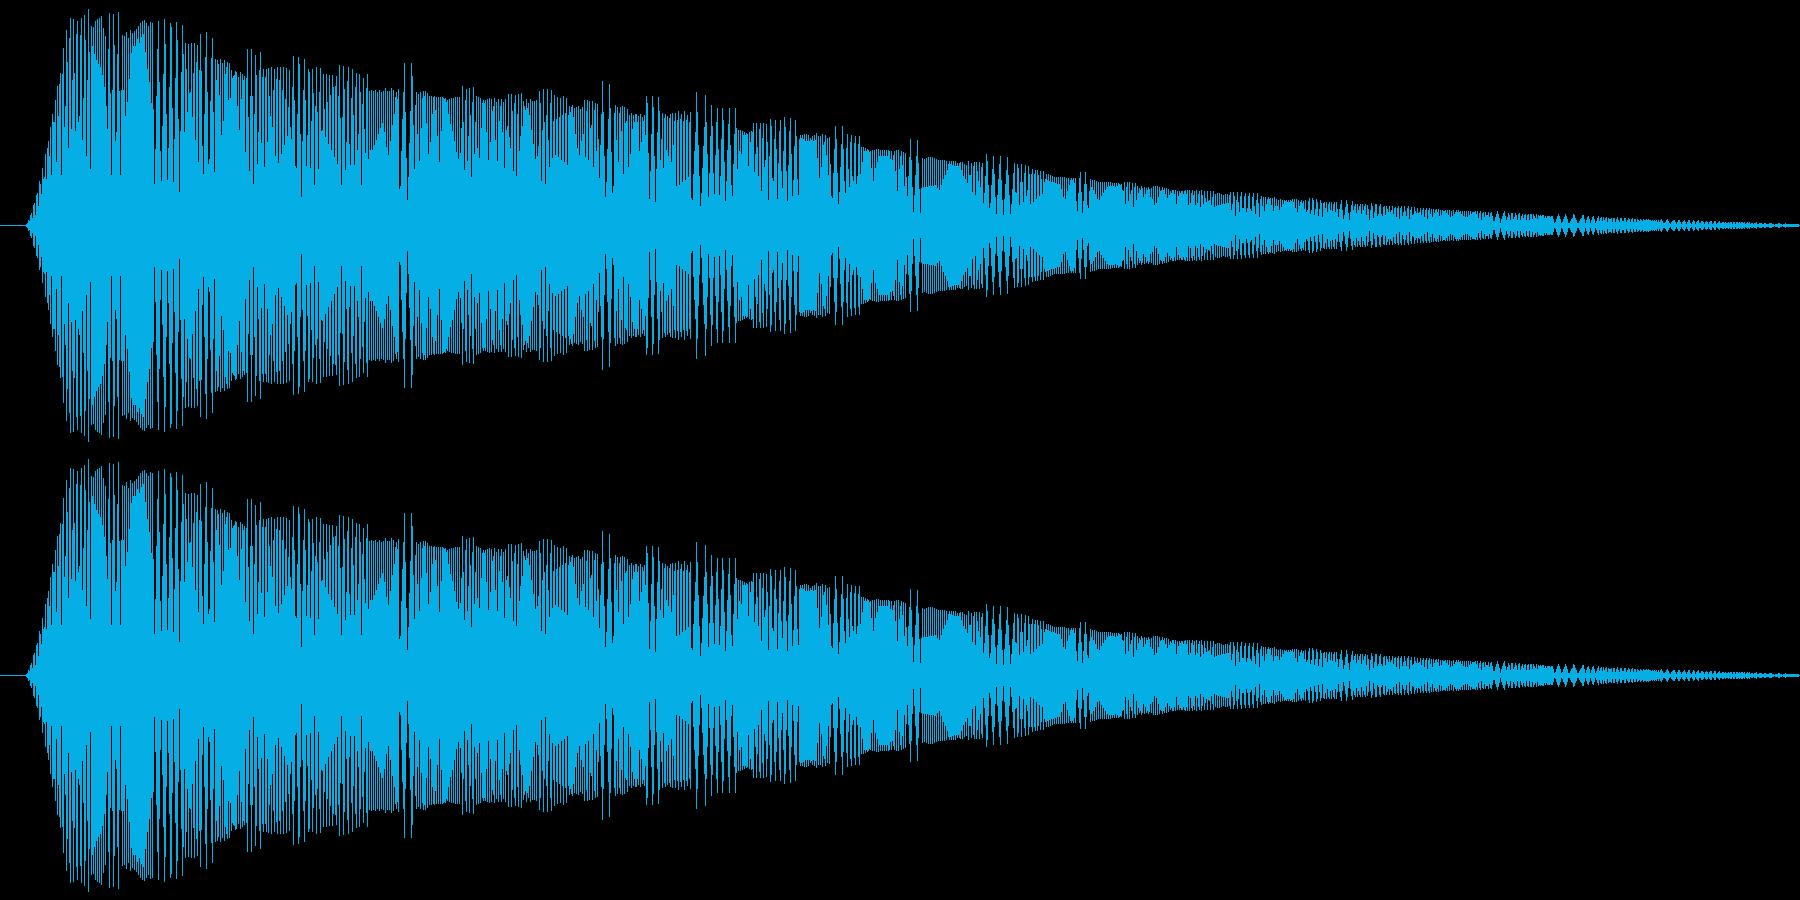 驚く、びっくりする ビヨォッ!の再生済みの波形